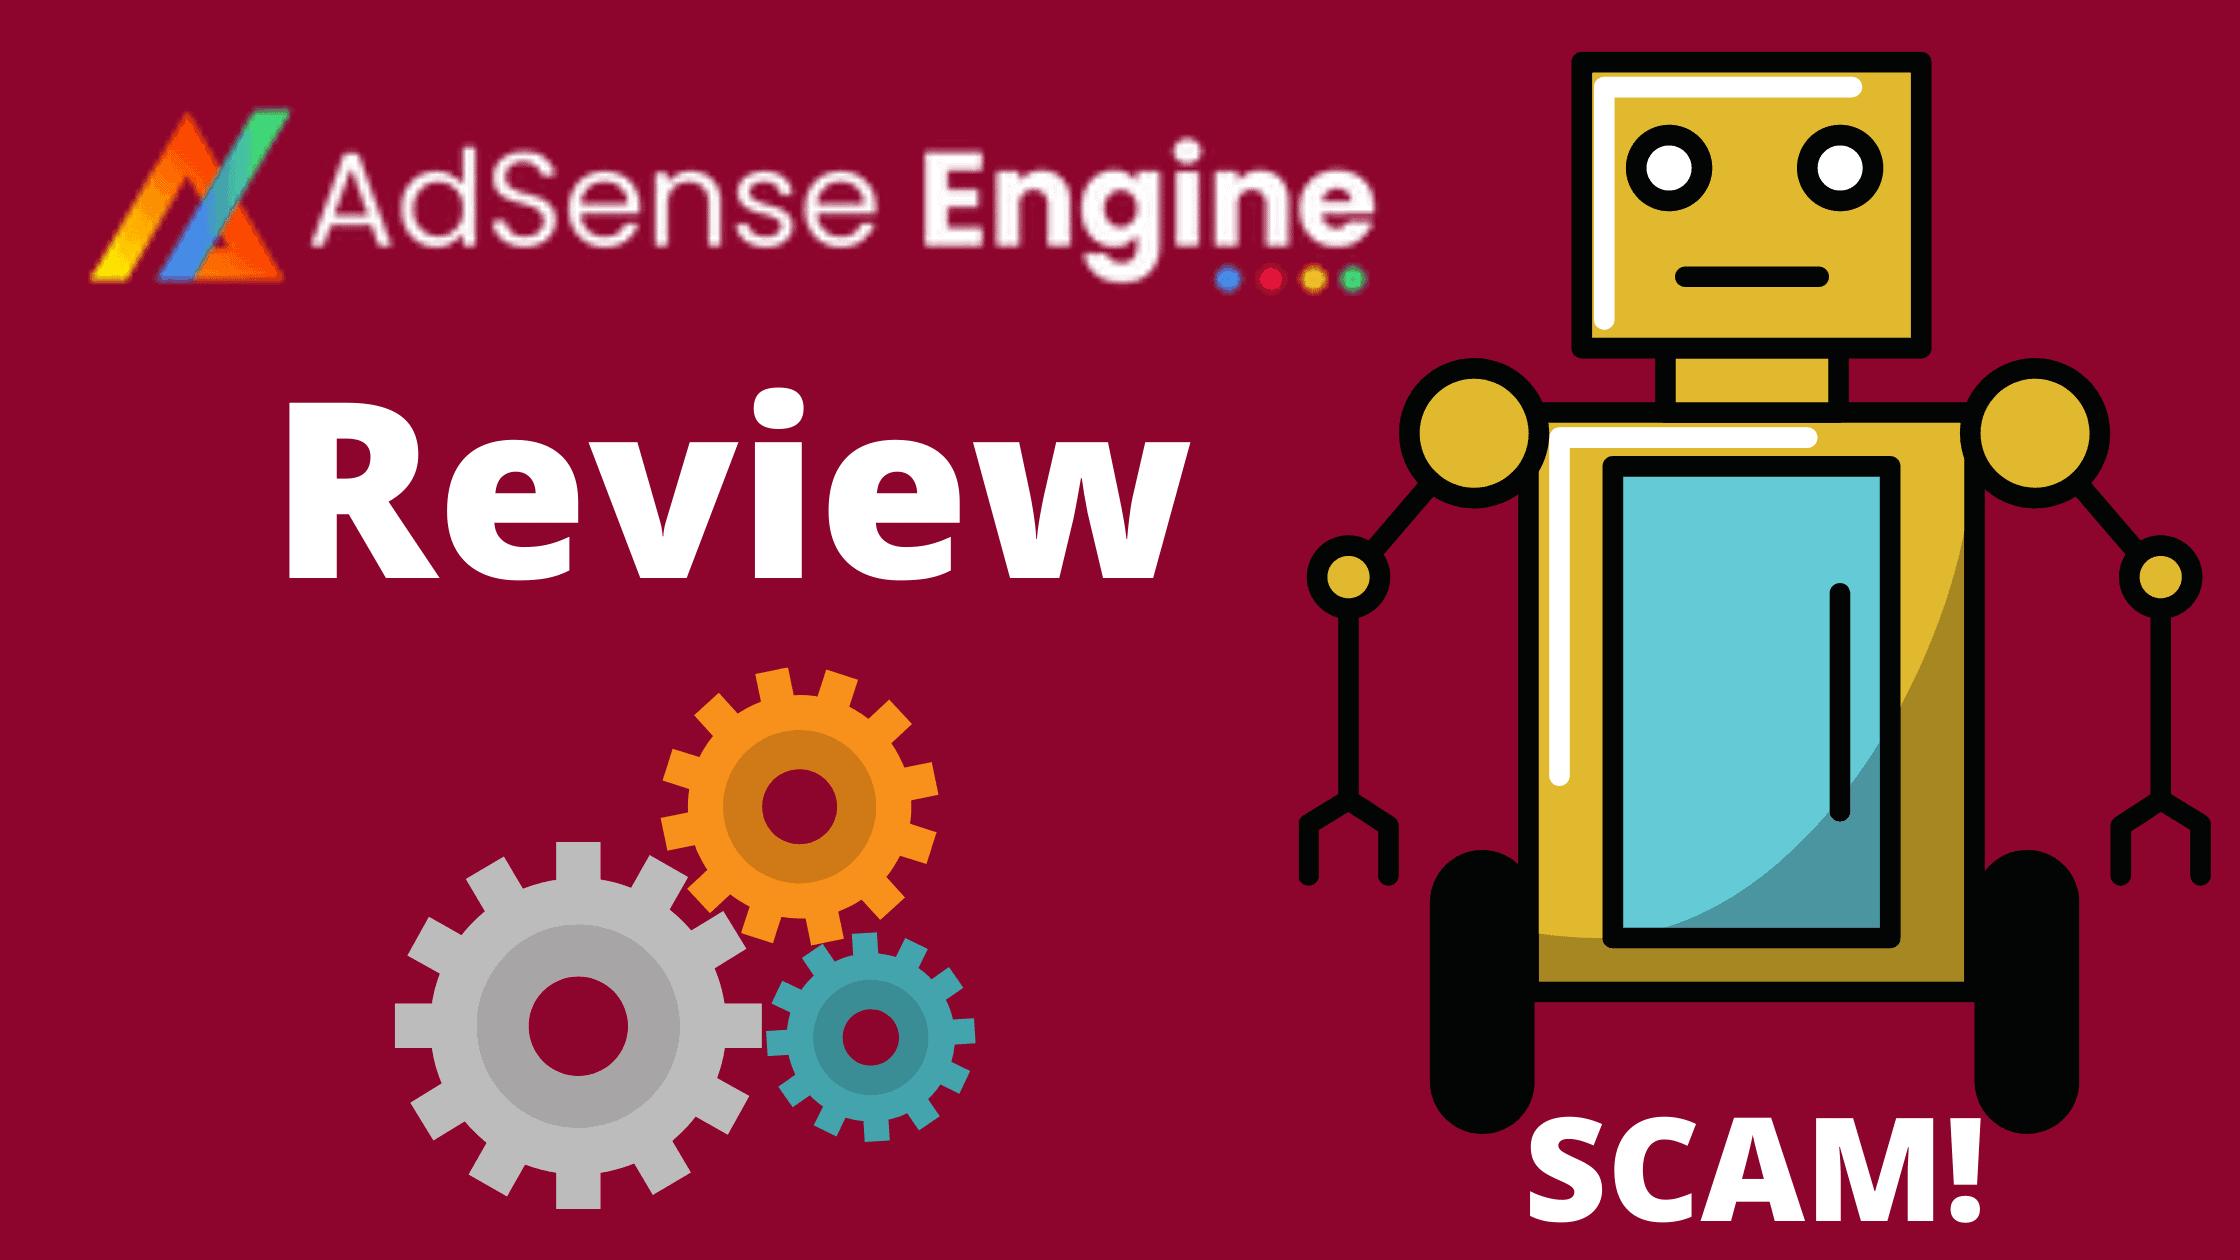 AdSense Engine Review Scam